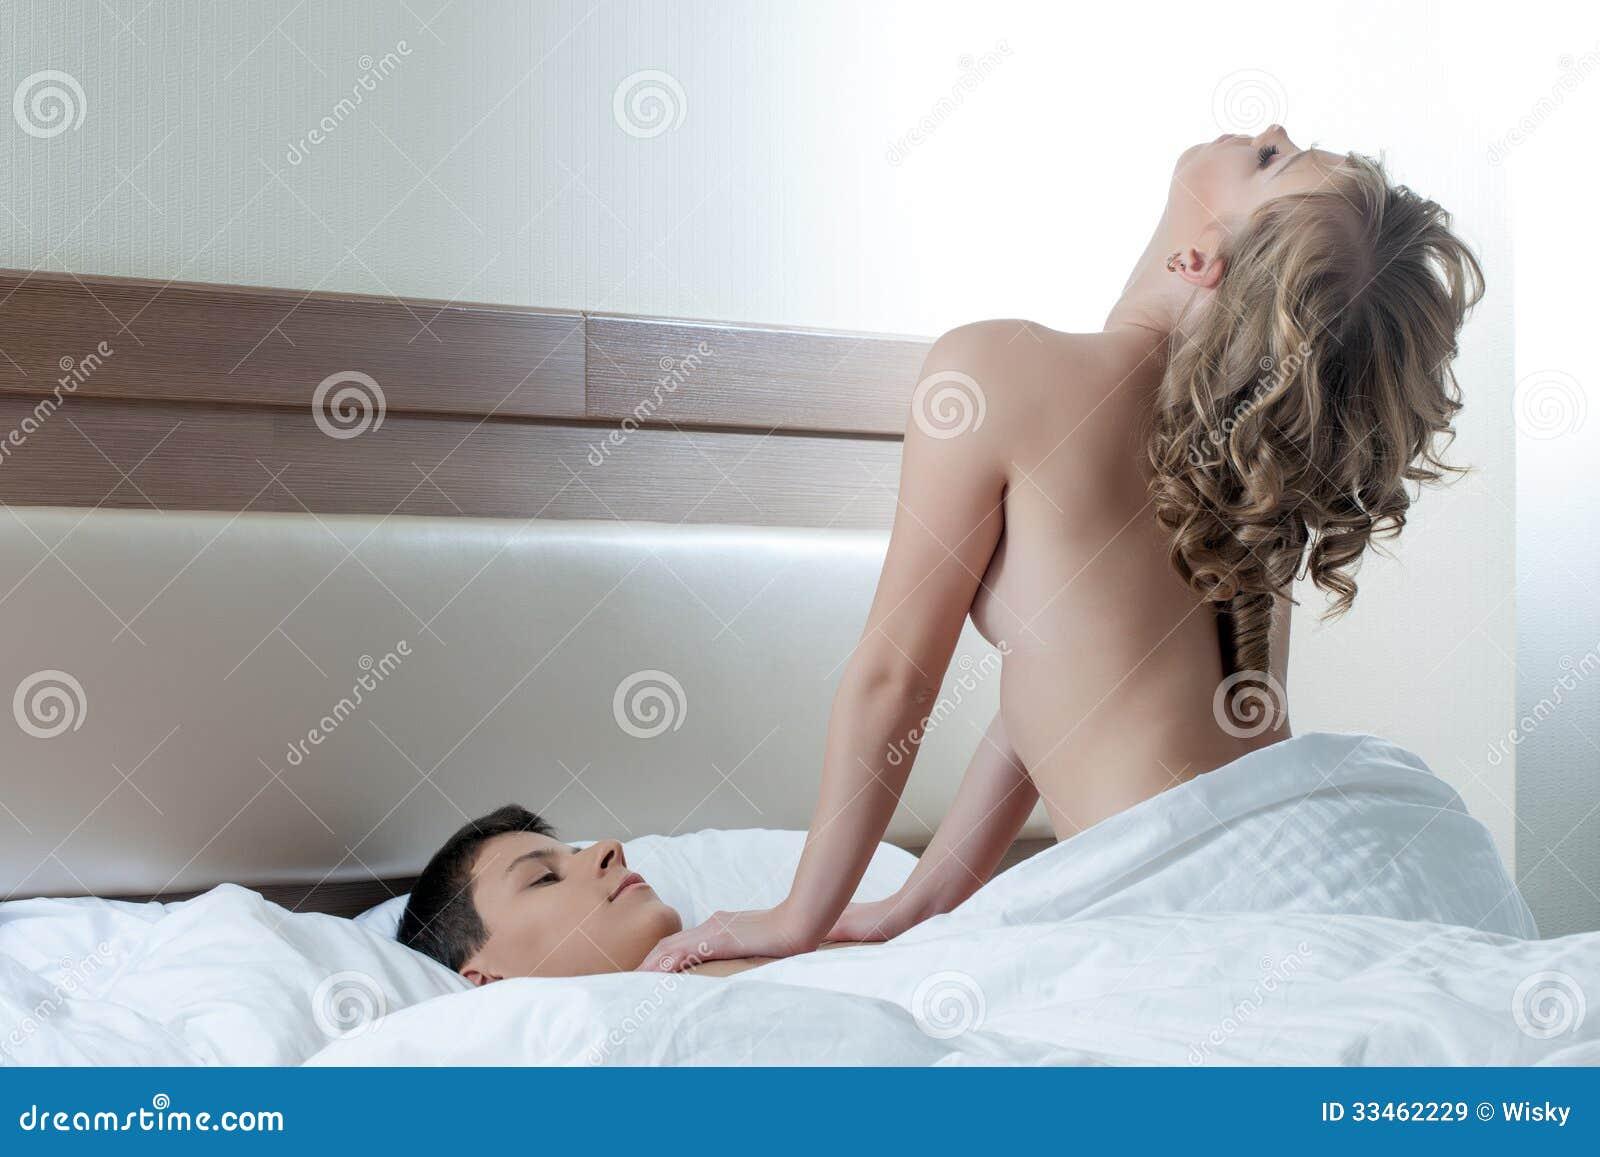 Женский оргазм познавательная сша видео Вам